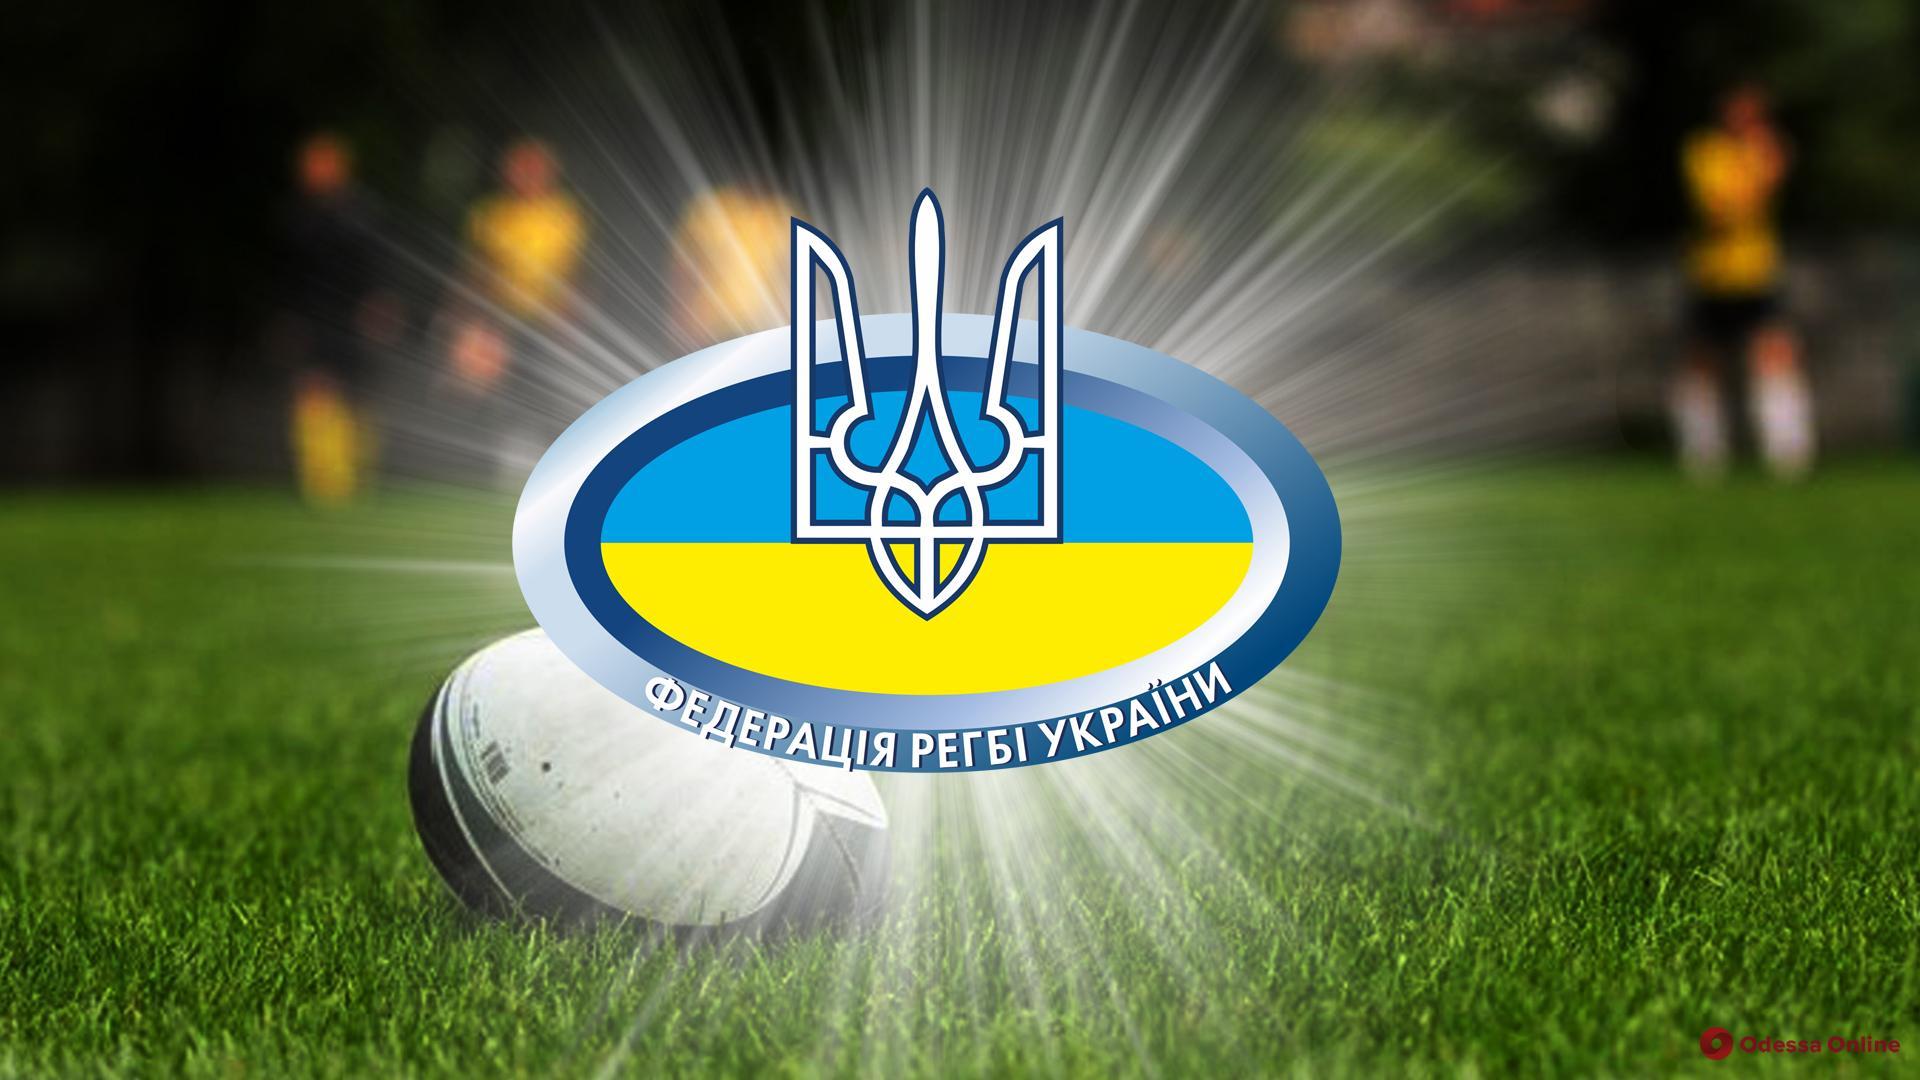 Одесские регбисты стартовали в украинской Суперлиге по регби-7